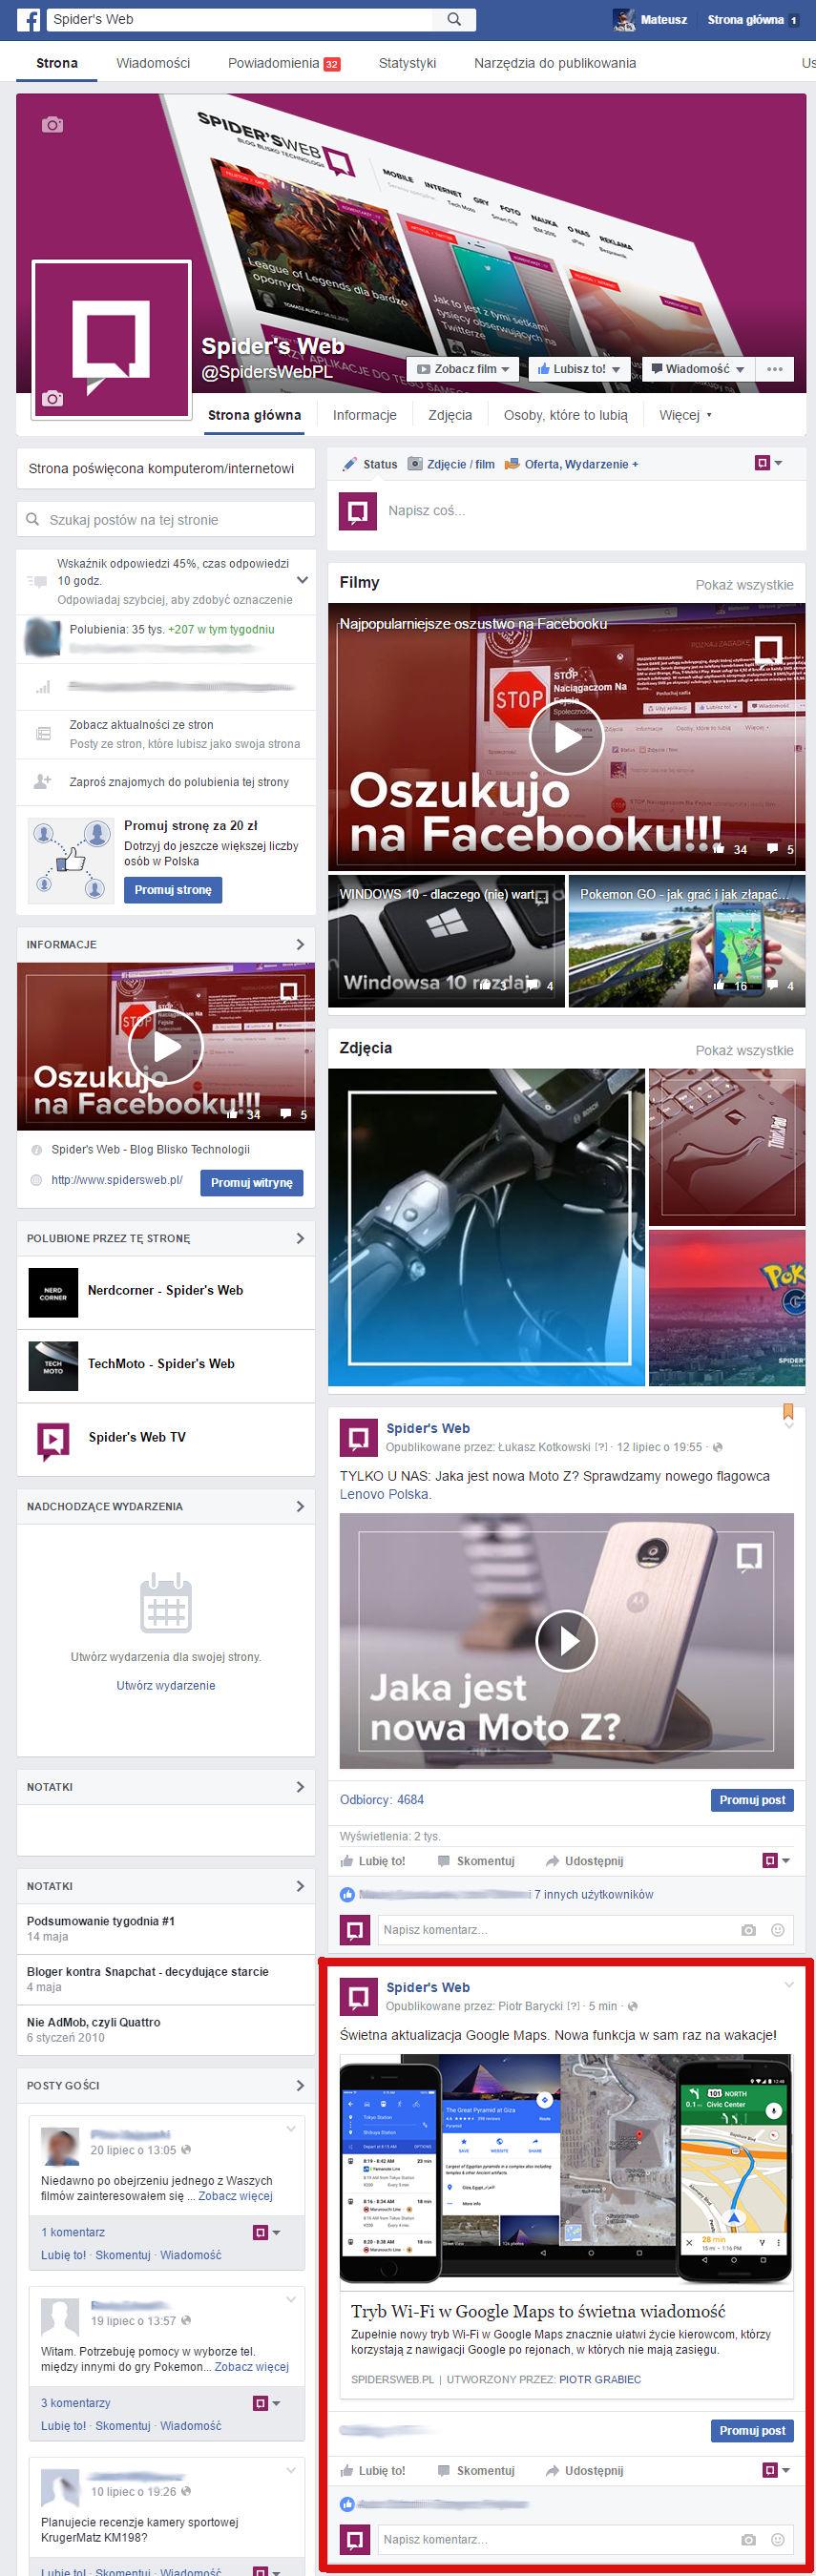 Zmiany na Facebooku: taaaaak nisko spadły aktualności na stronie.